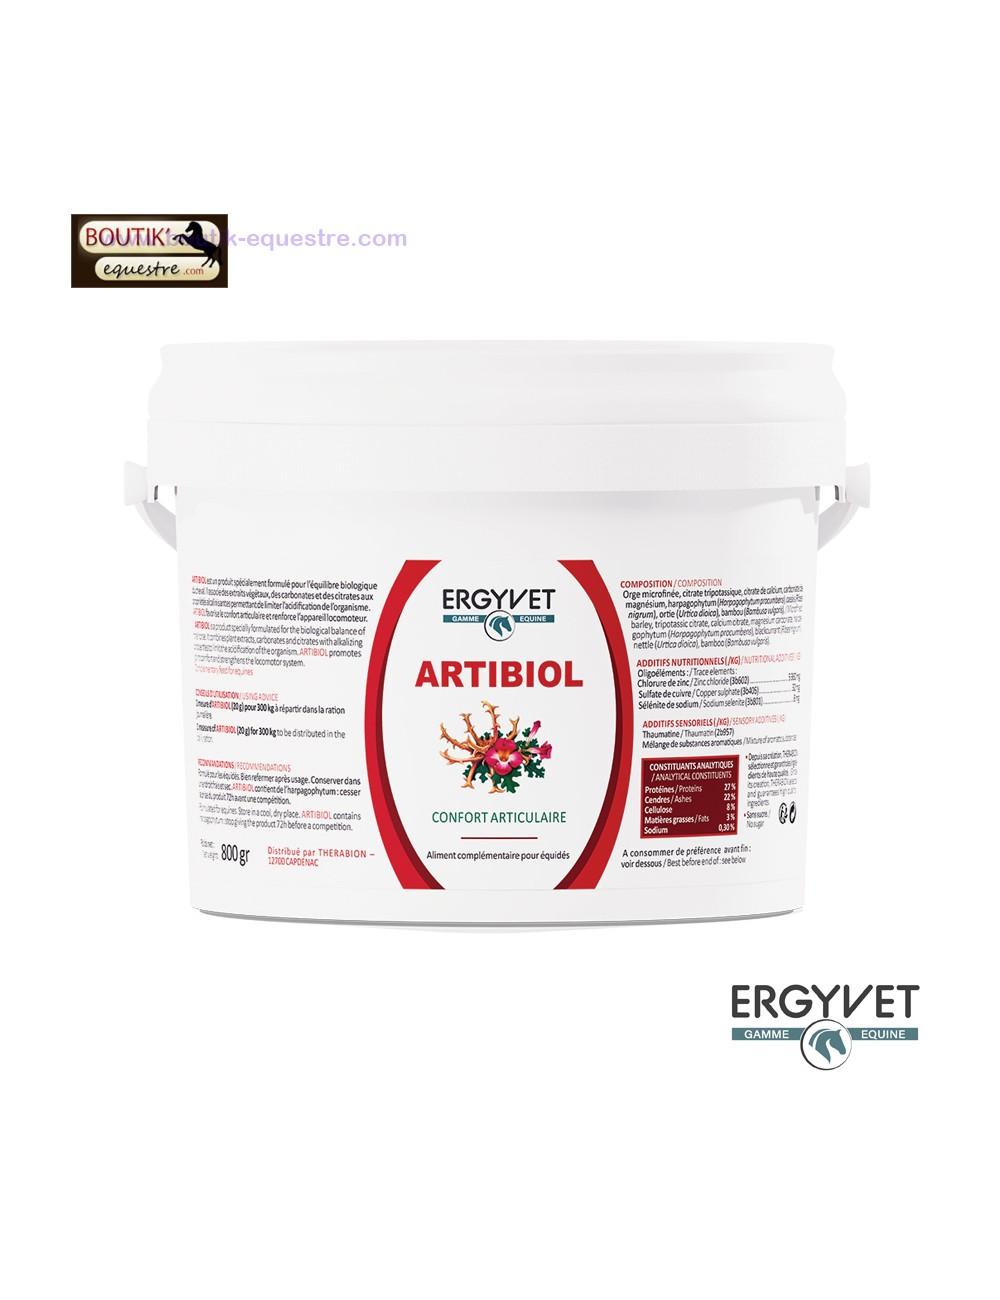 Complement Artibiol  ERGYVET ( therabion )